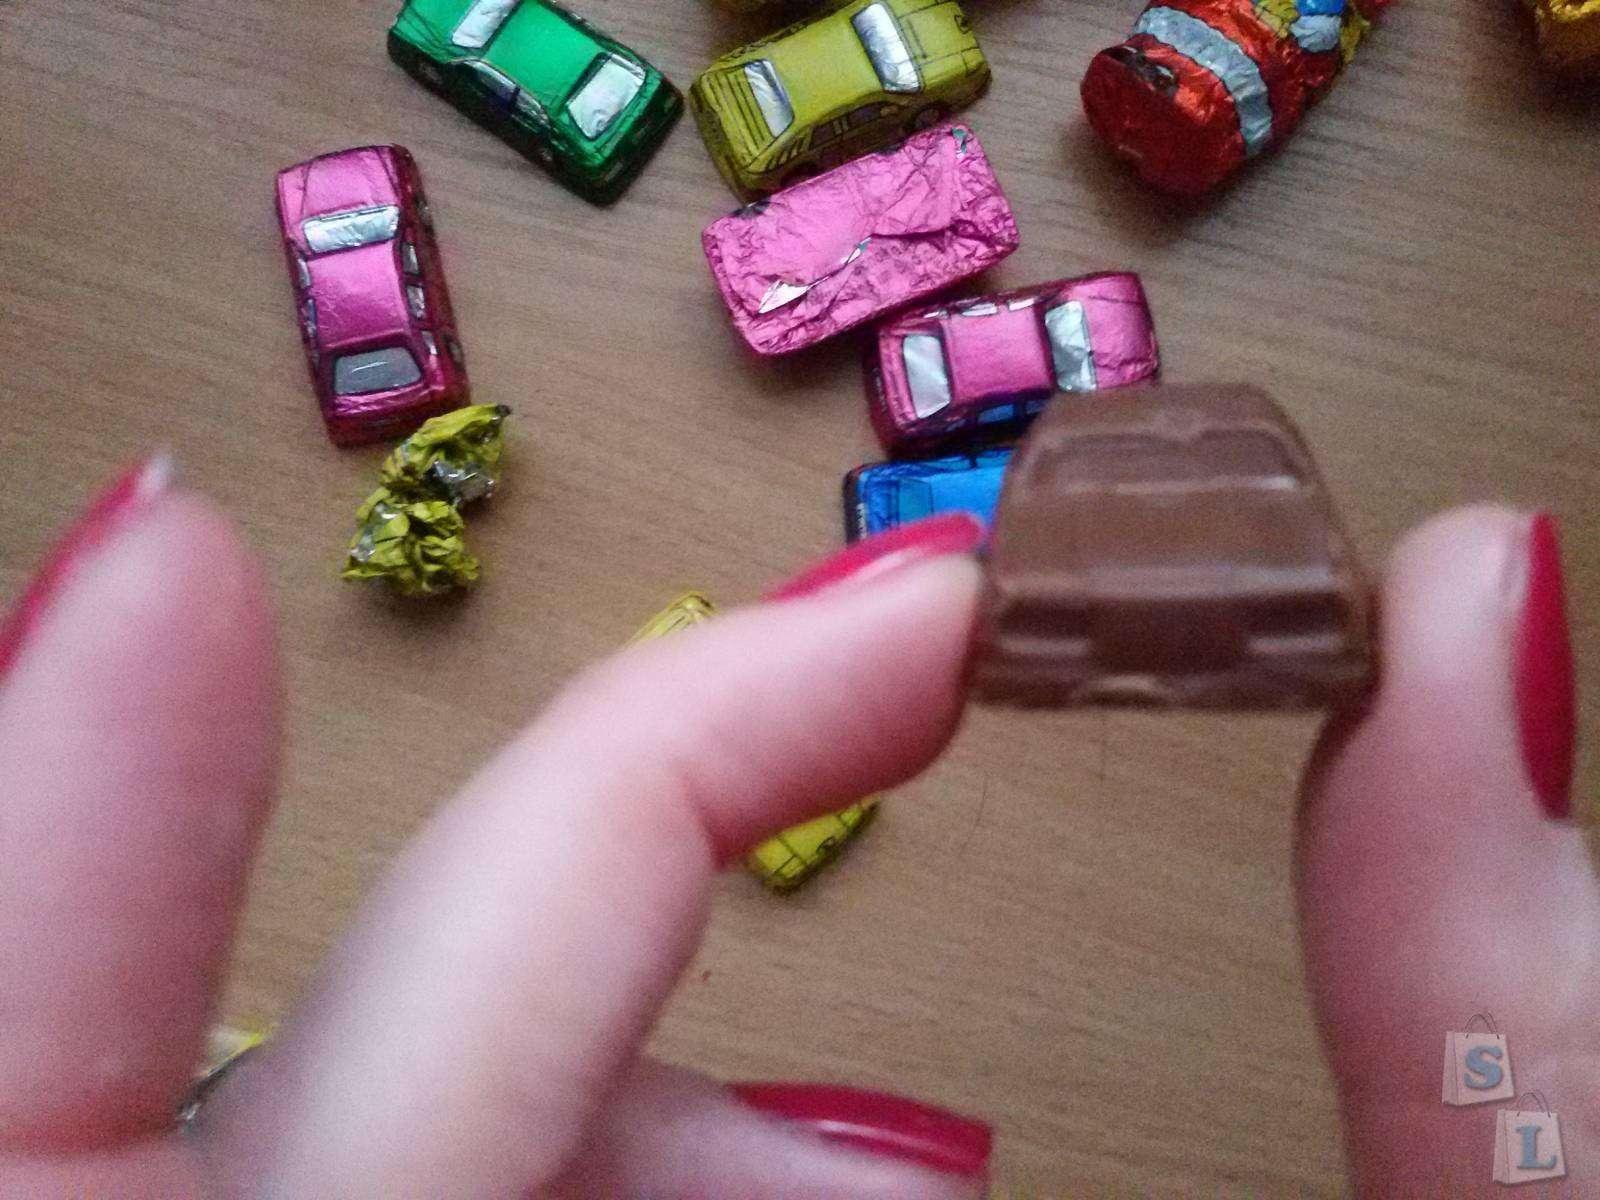 Другие - Европа: Интернет- магазины сладостей в Германии